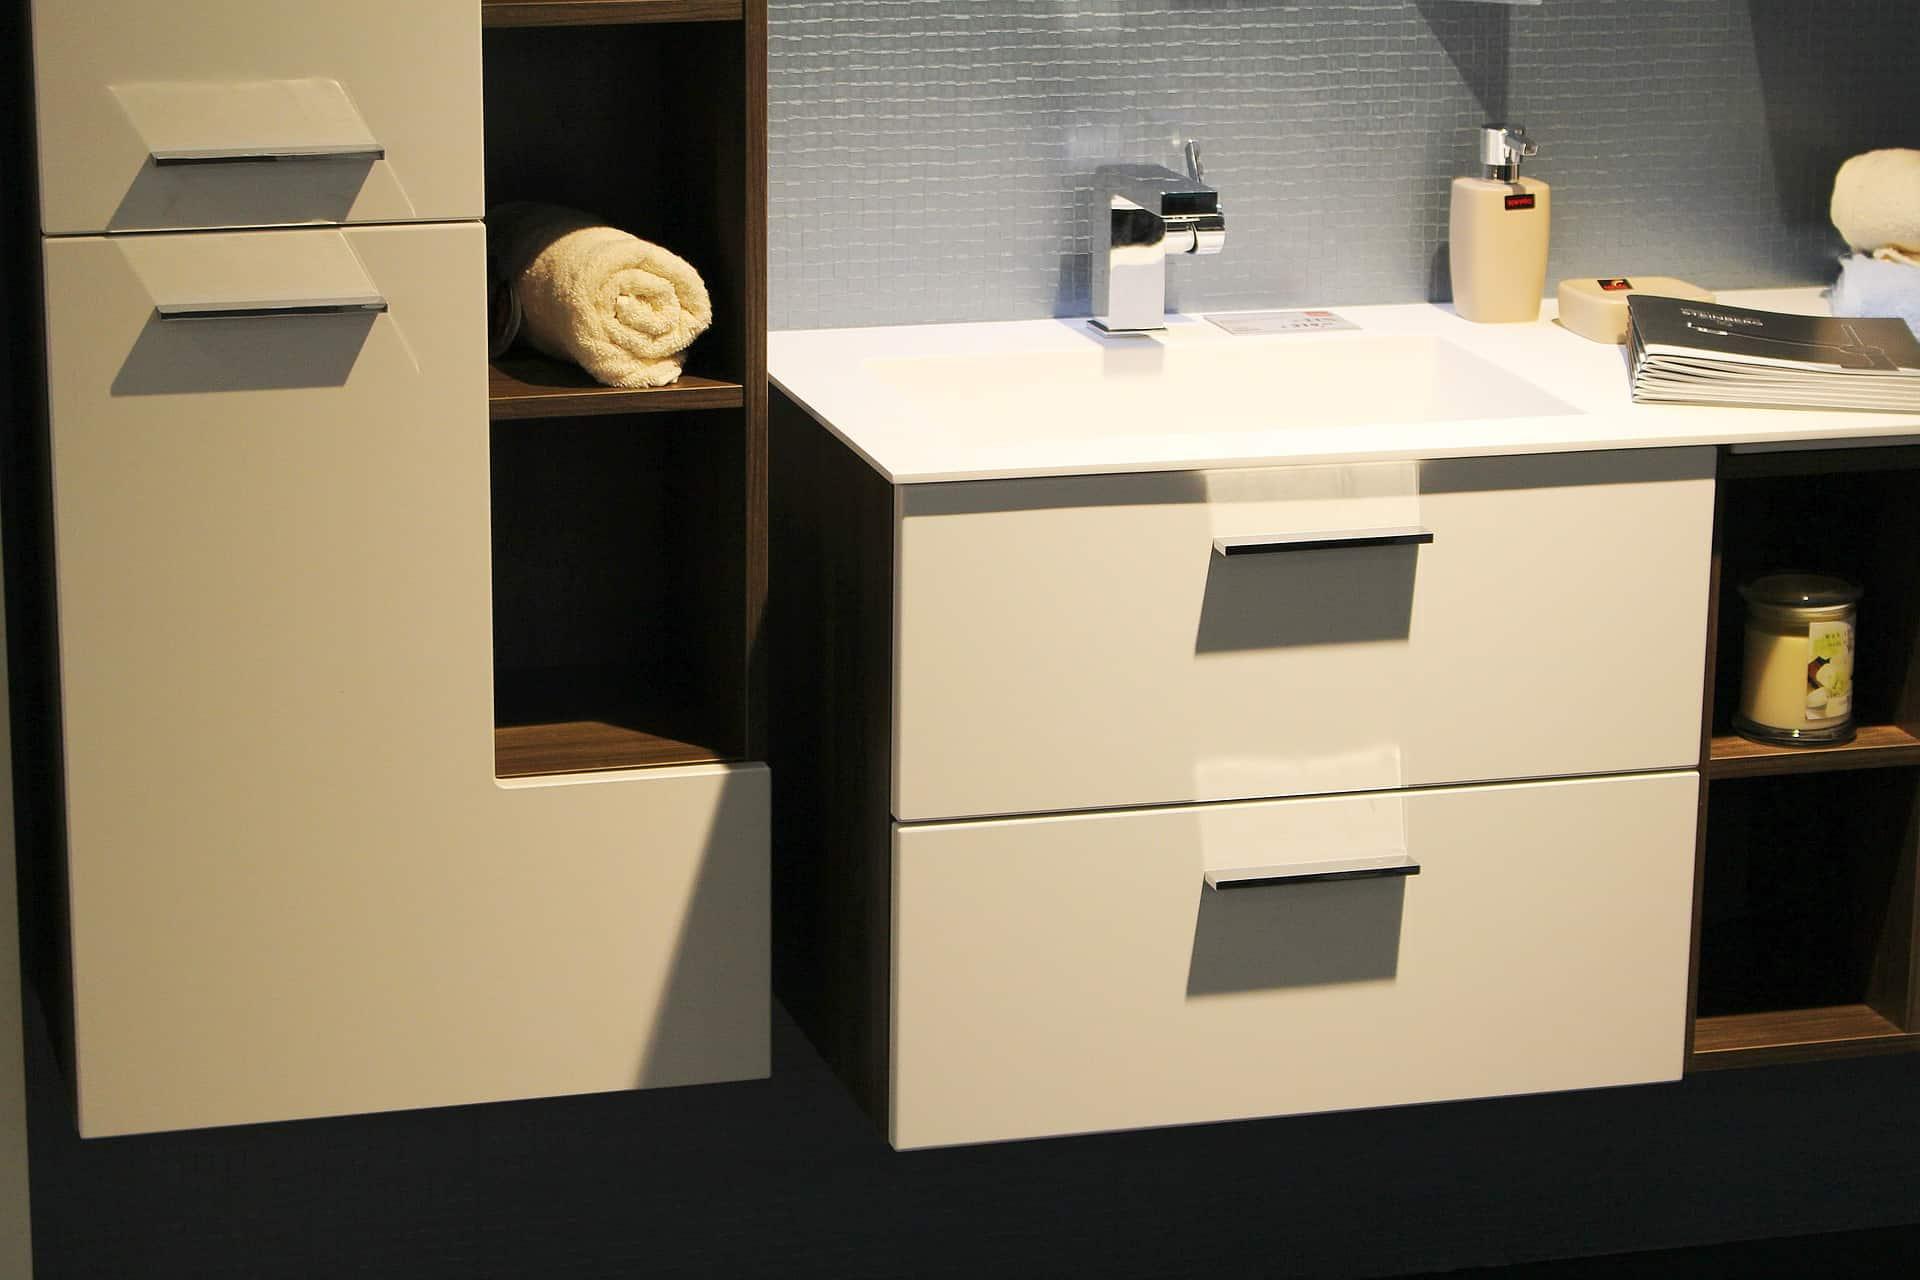 k che wasserhahn bei lidl ikea k che schublade l sen asiatische rezepte einfach spritzschutz. Black Bedroom Furniture Sets. Home Design Ideas